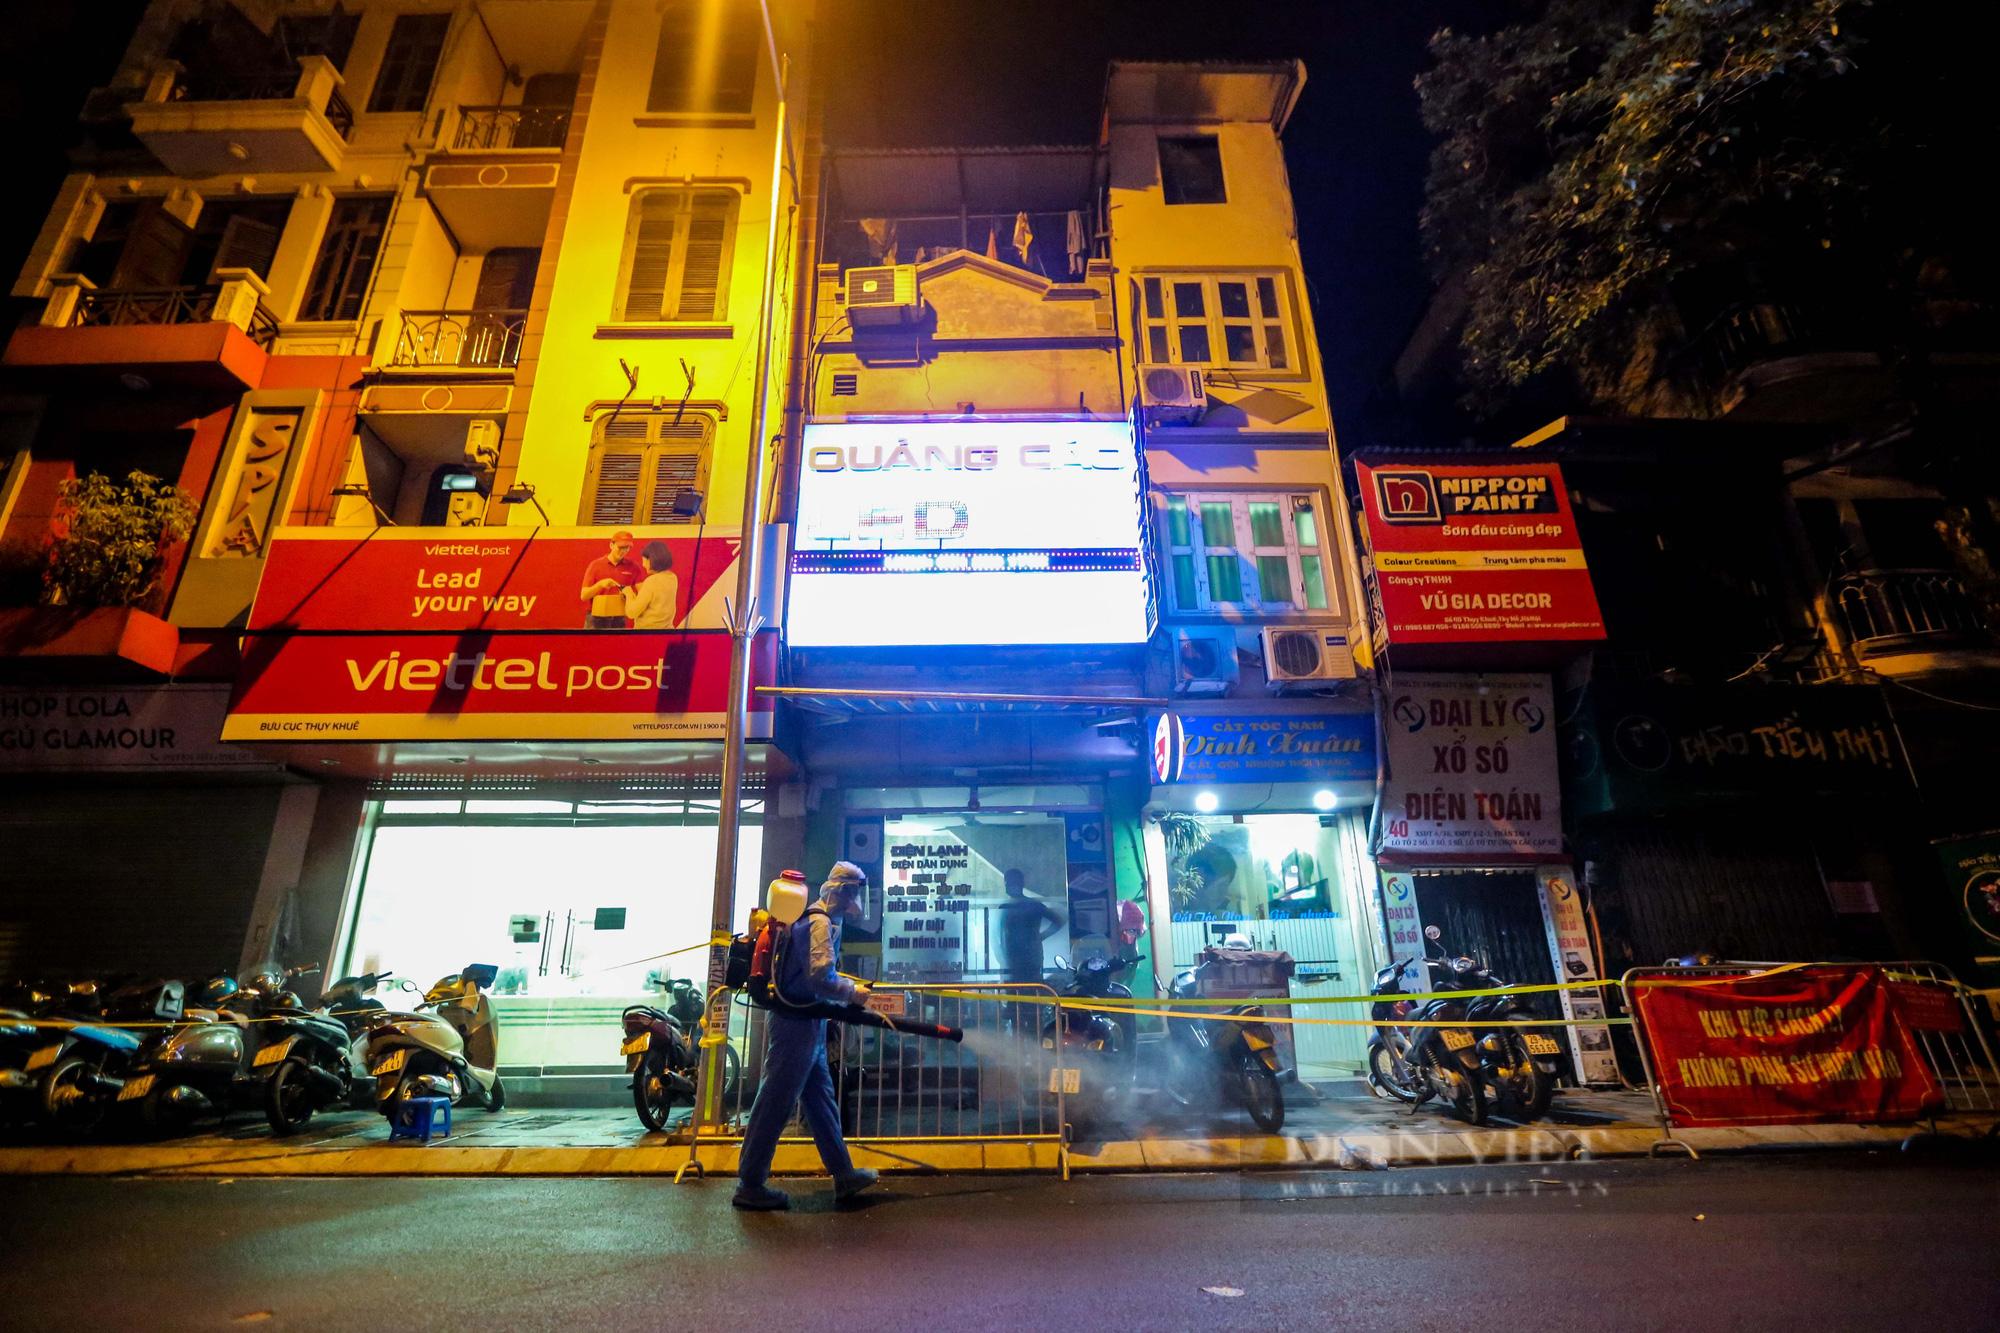 Xuyên đêm xét nghiệm cho hàng chục hộ dân trên phố Thuỵ Khuê - Ảnh 5.